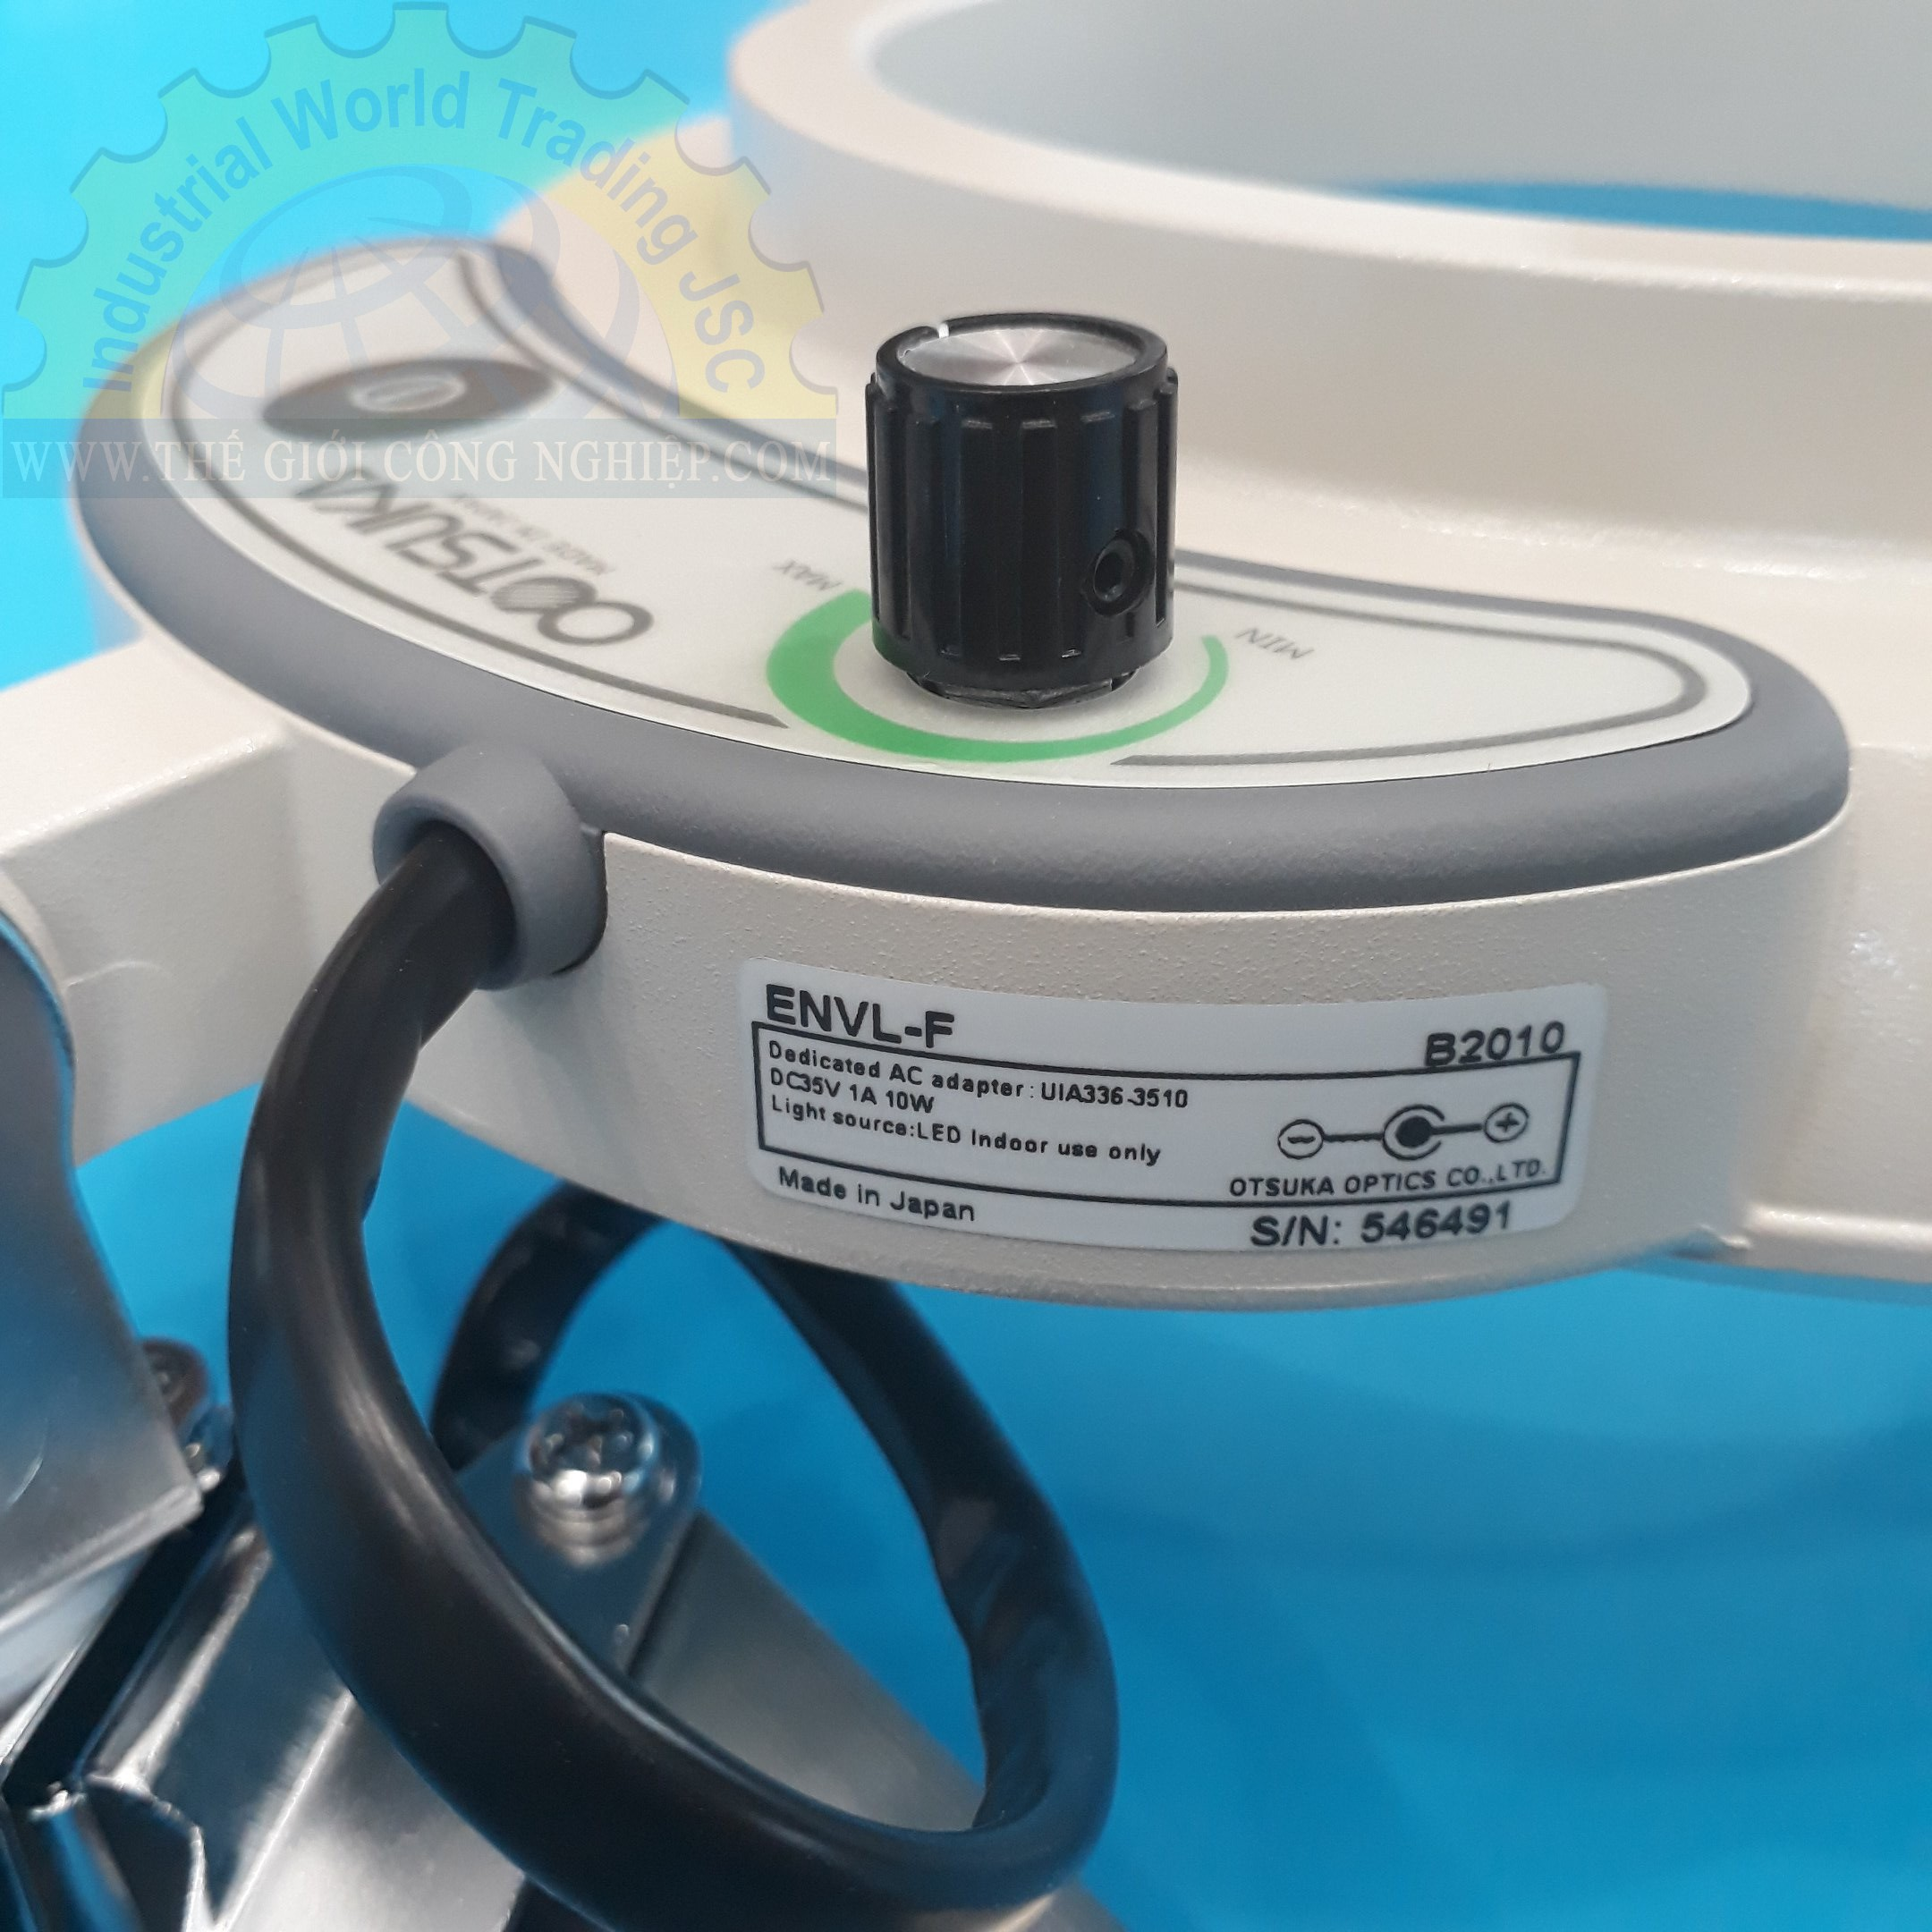 Kính lúp kẹp bàn dùng đèn Led, có độ phóng đại 3 lần lED Illuminated Light Scope ENVL-F 3X OTSUKA